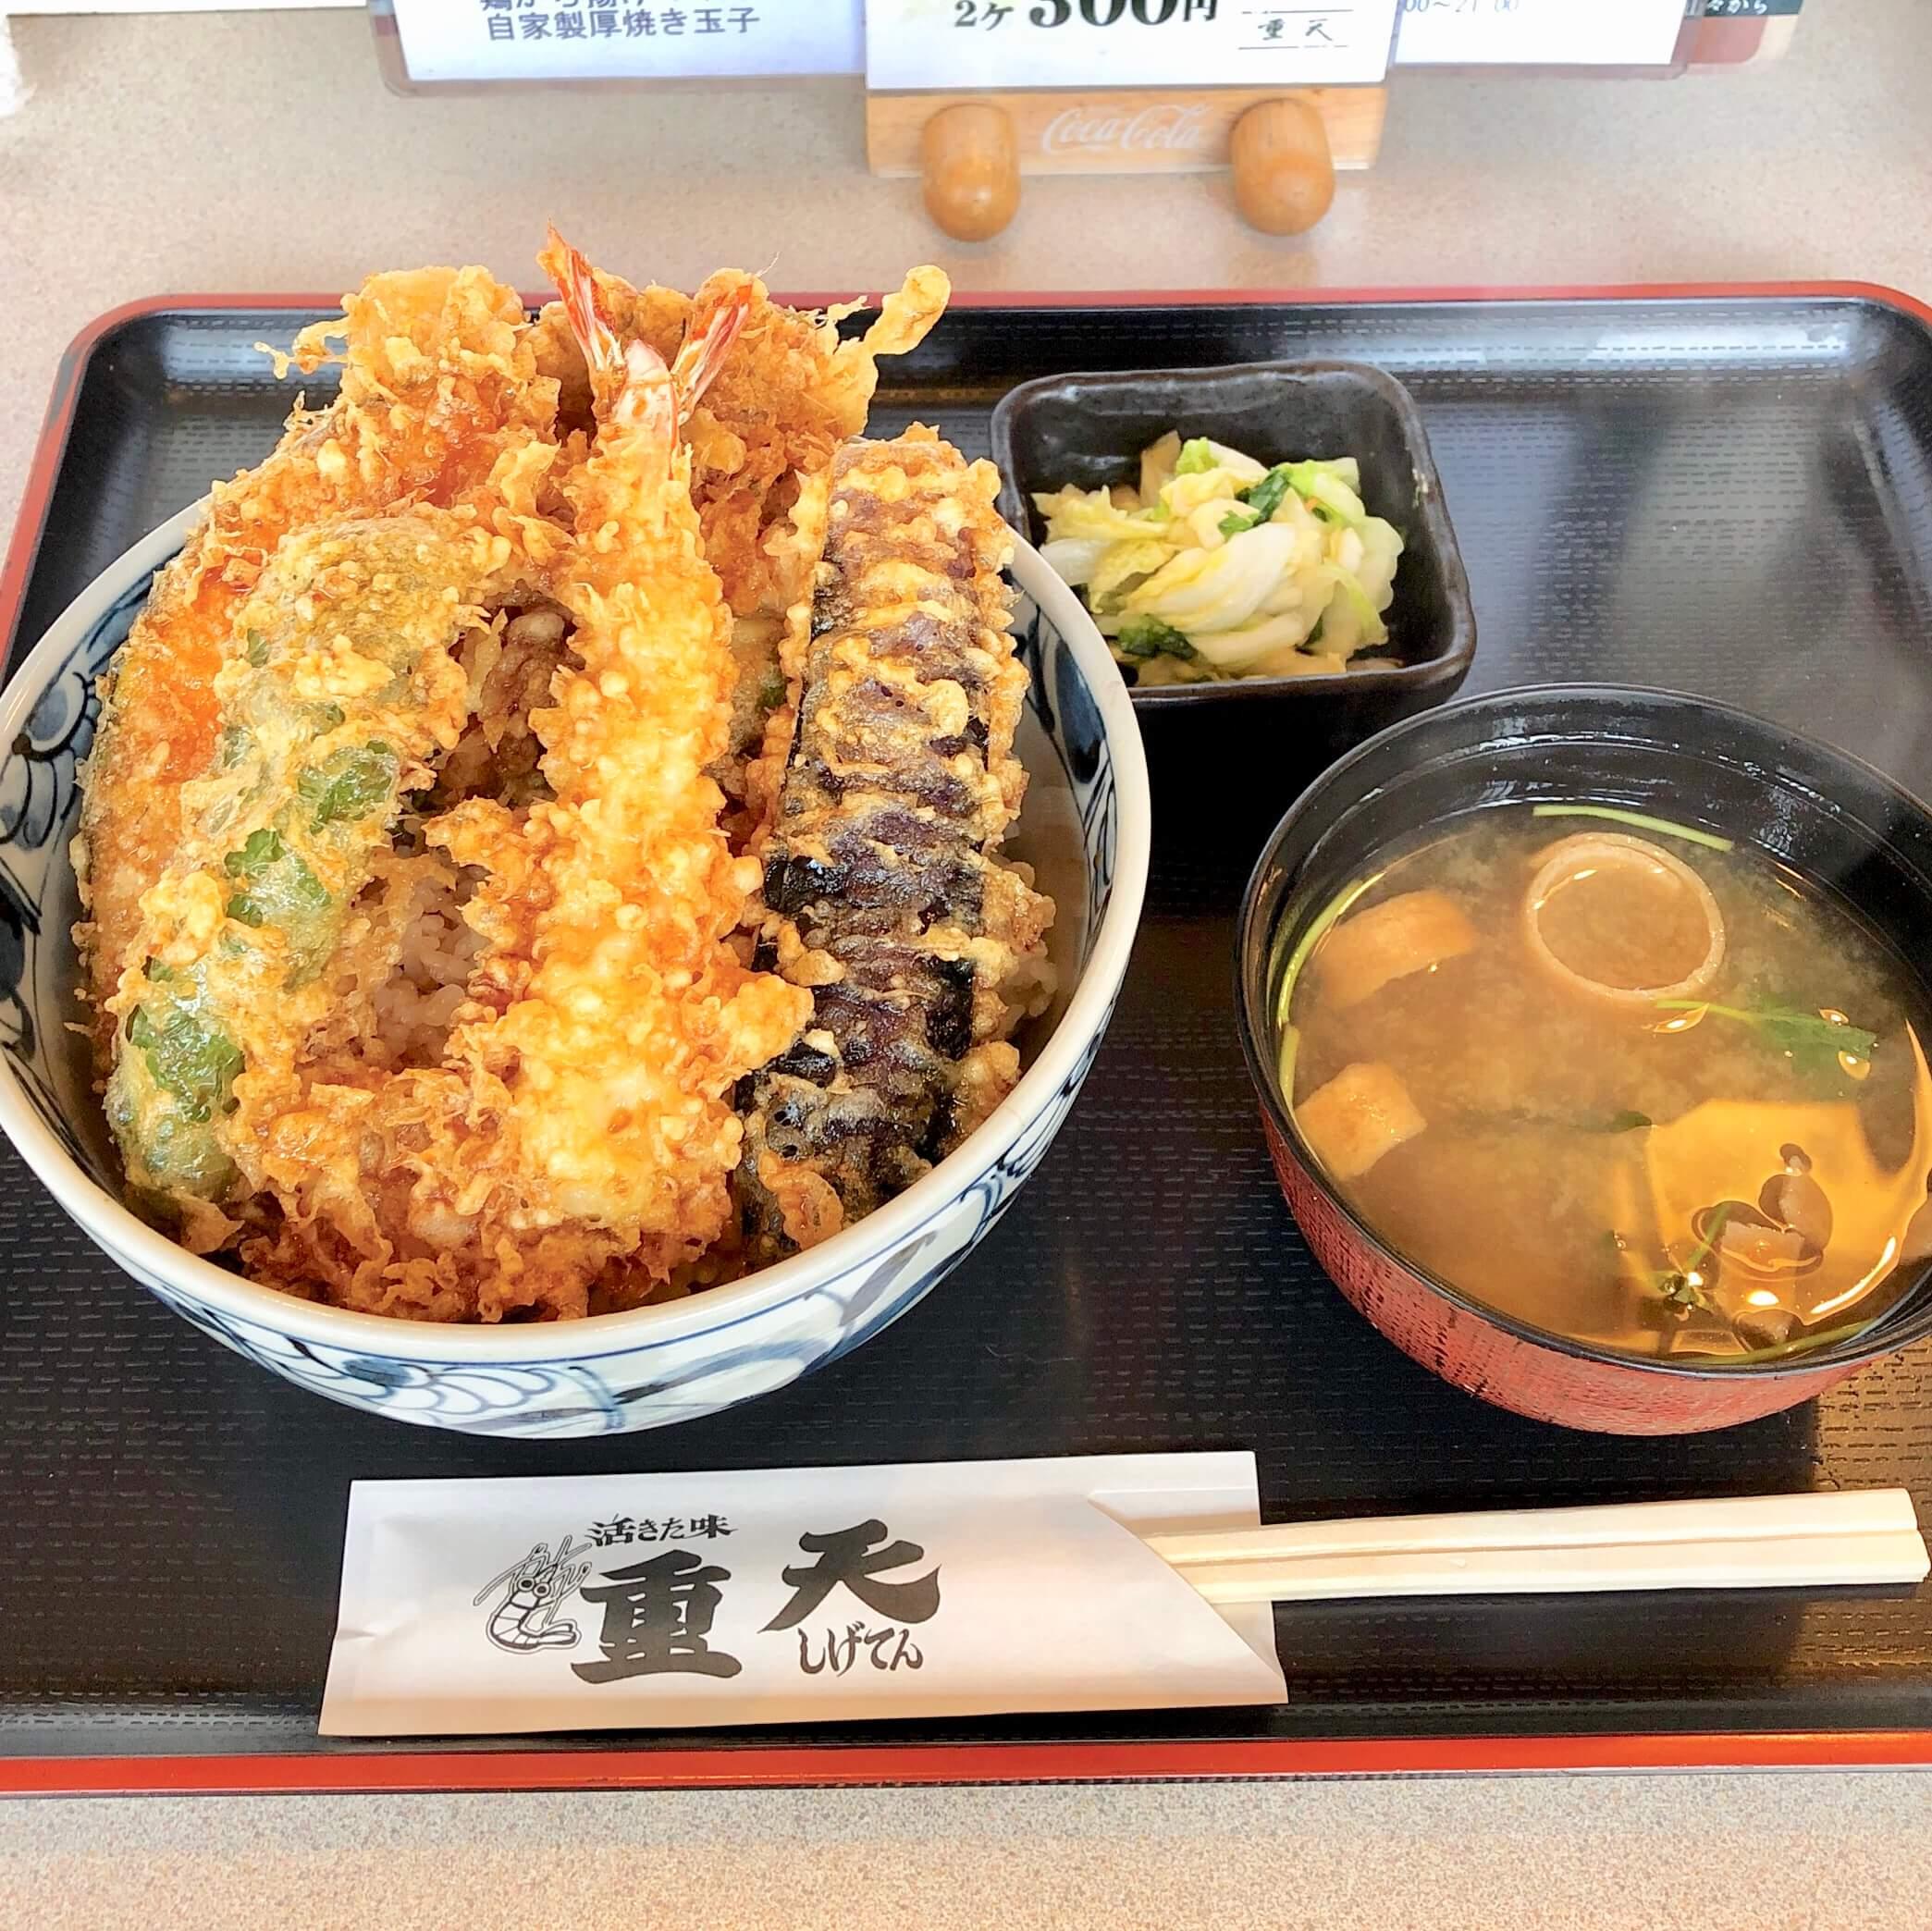 重天(しげてん)|鴻巣駅西口 絶品天ぷら屋さんのランチタイムをレポ!